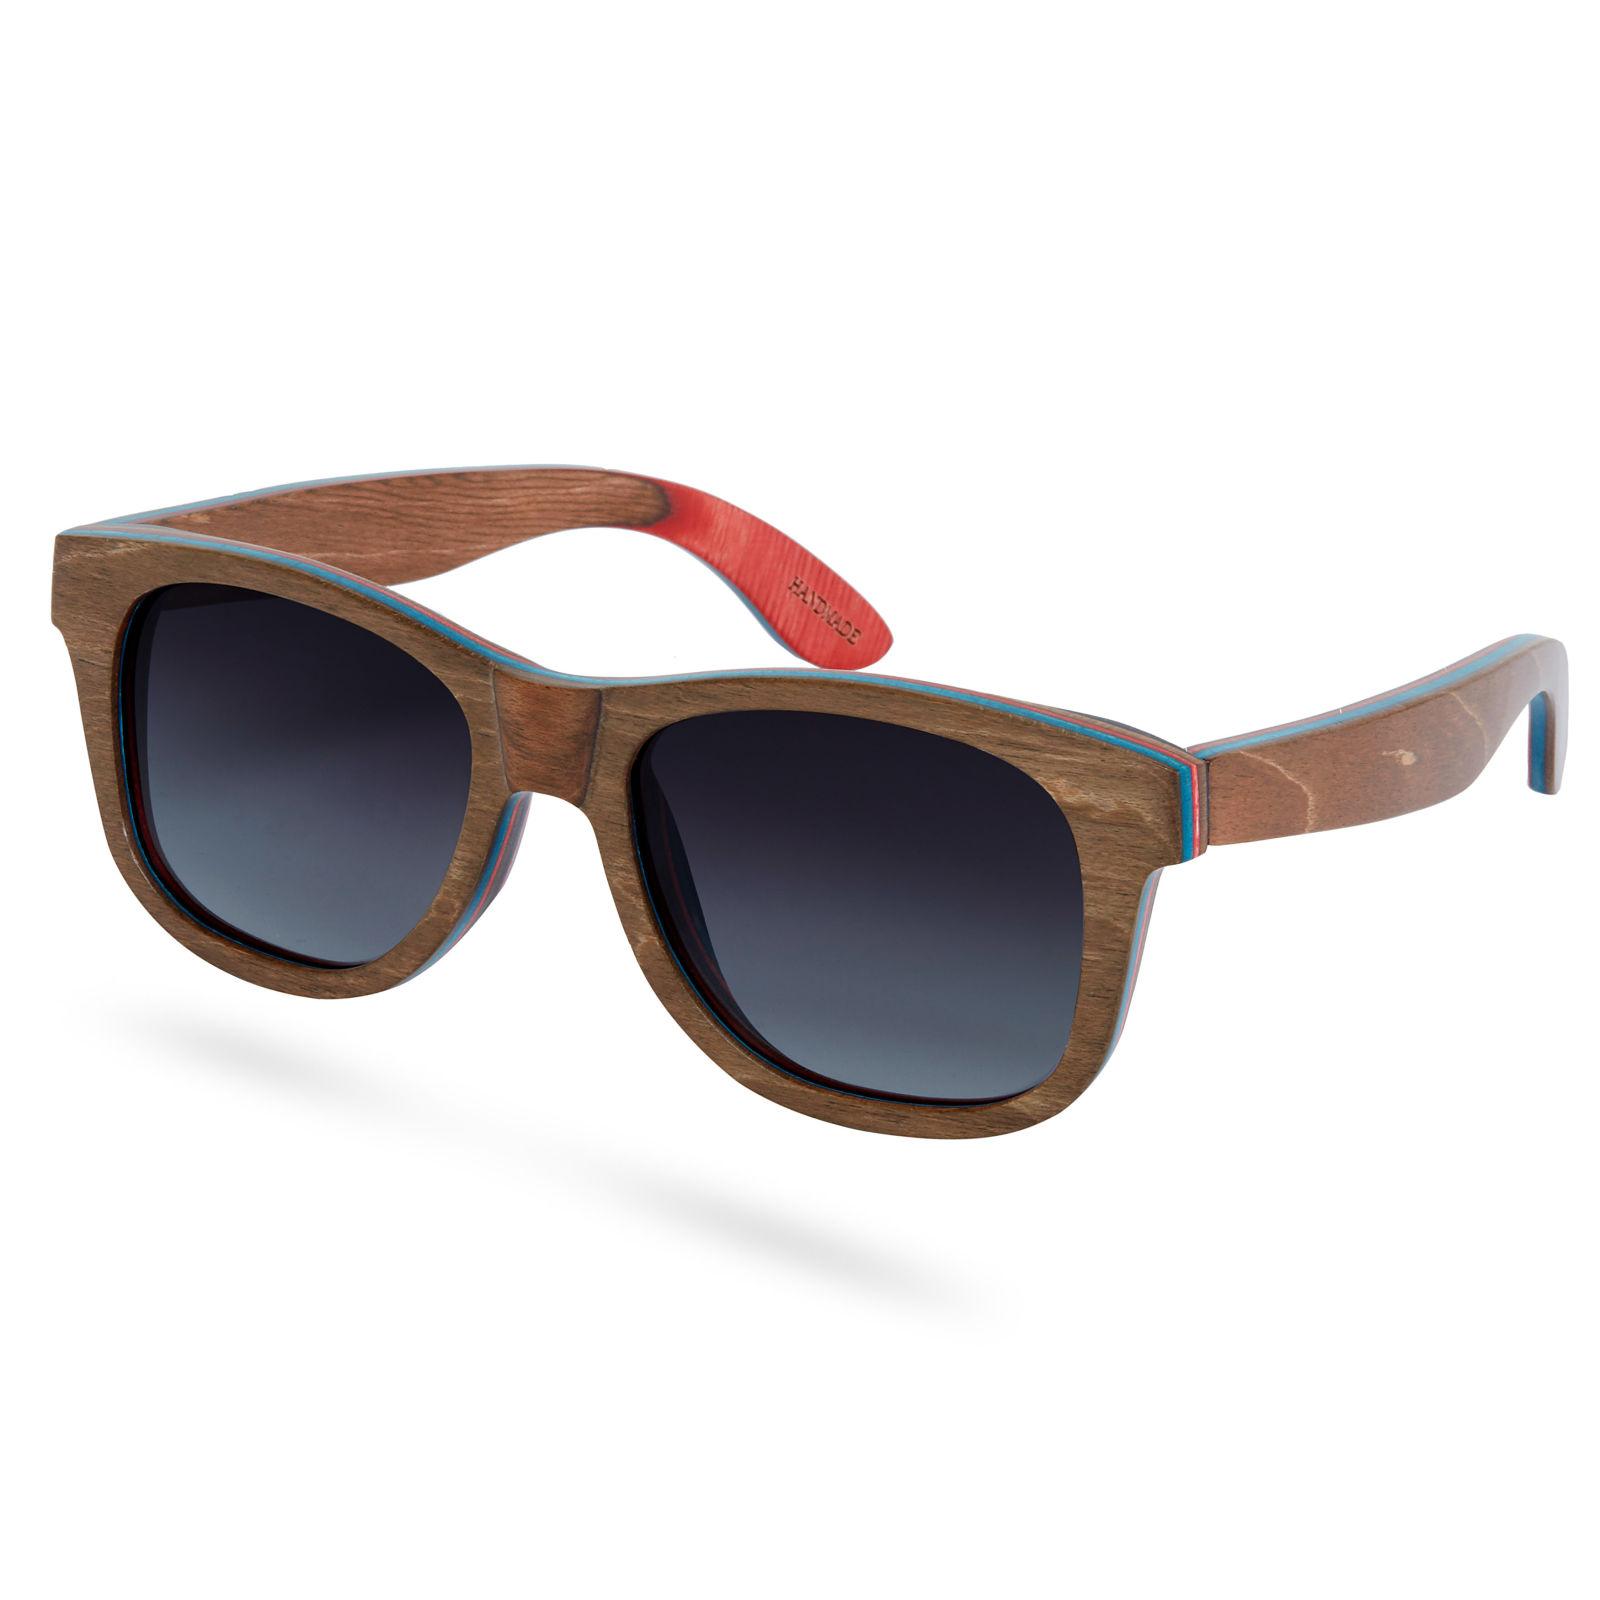 Paul Riley Hnedo šedé polarizačné slnečné okuliare zo skateboardového  dreva. 1 58e4bfcf3e9